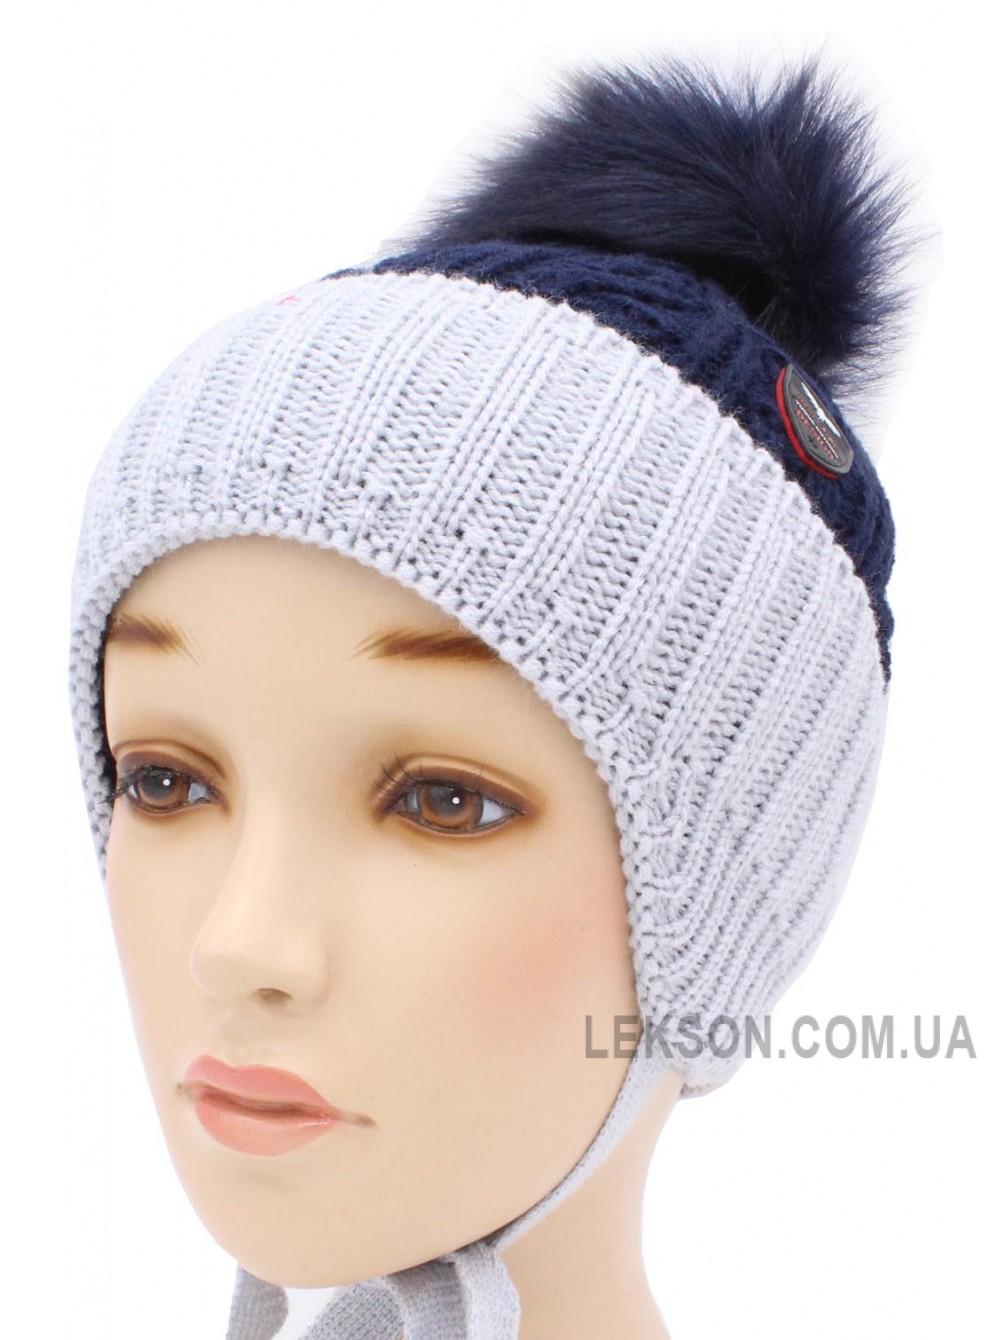 Детская вязаная шапка S95-46-28-54-56